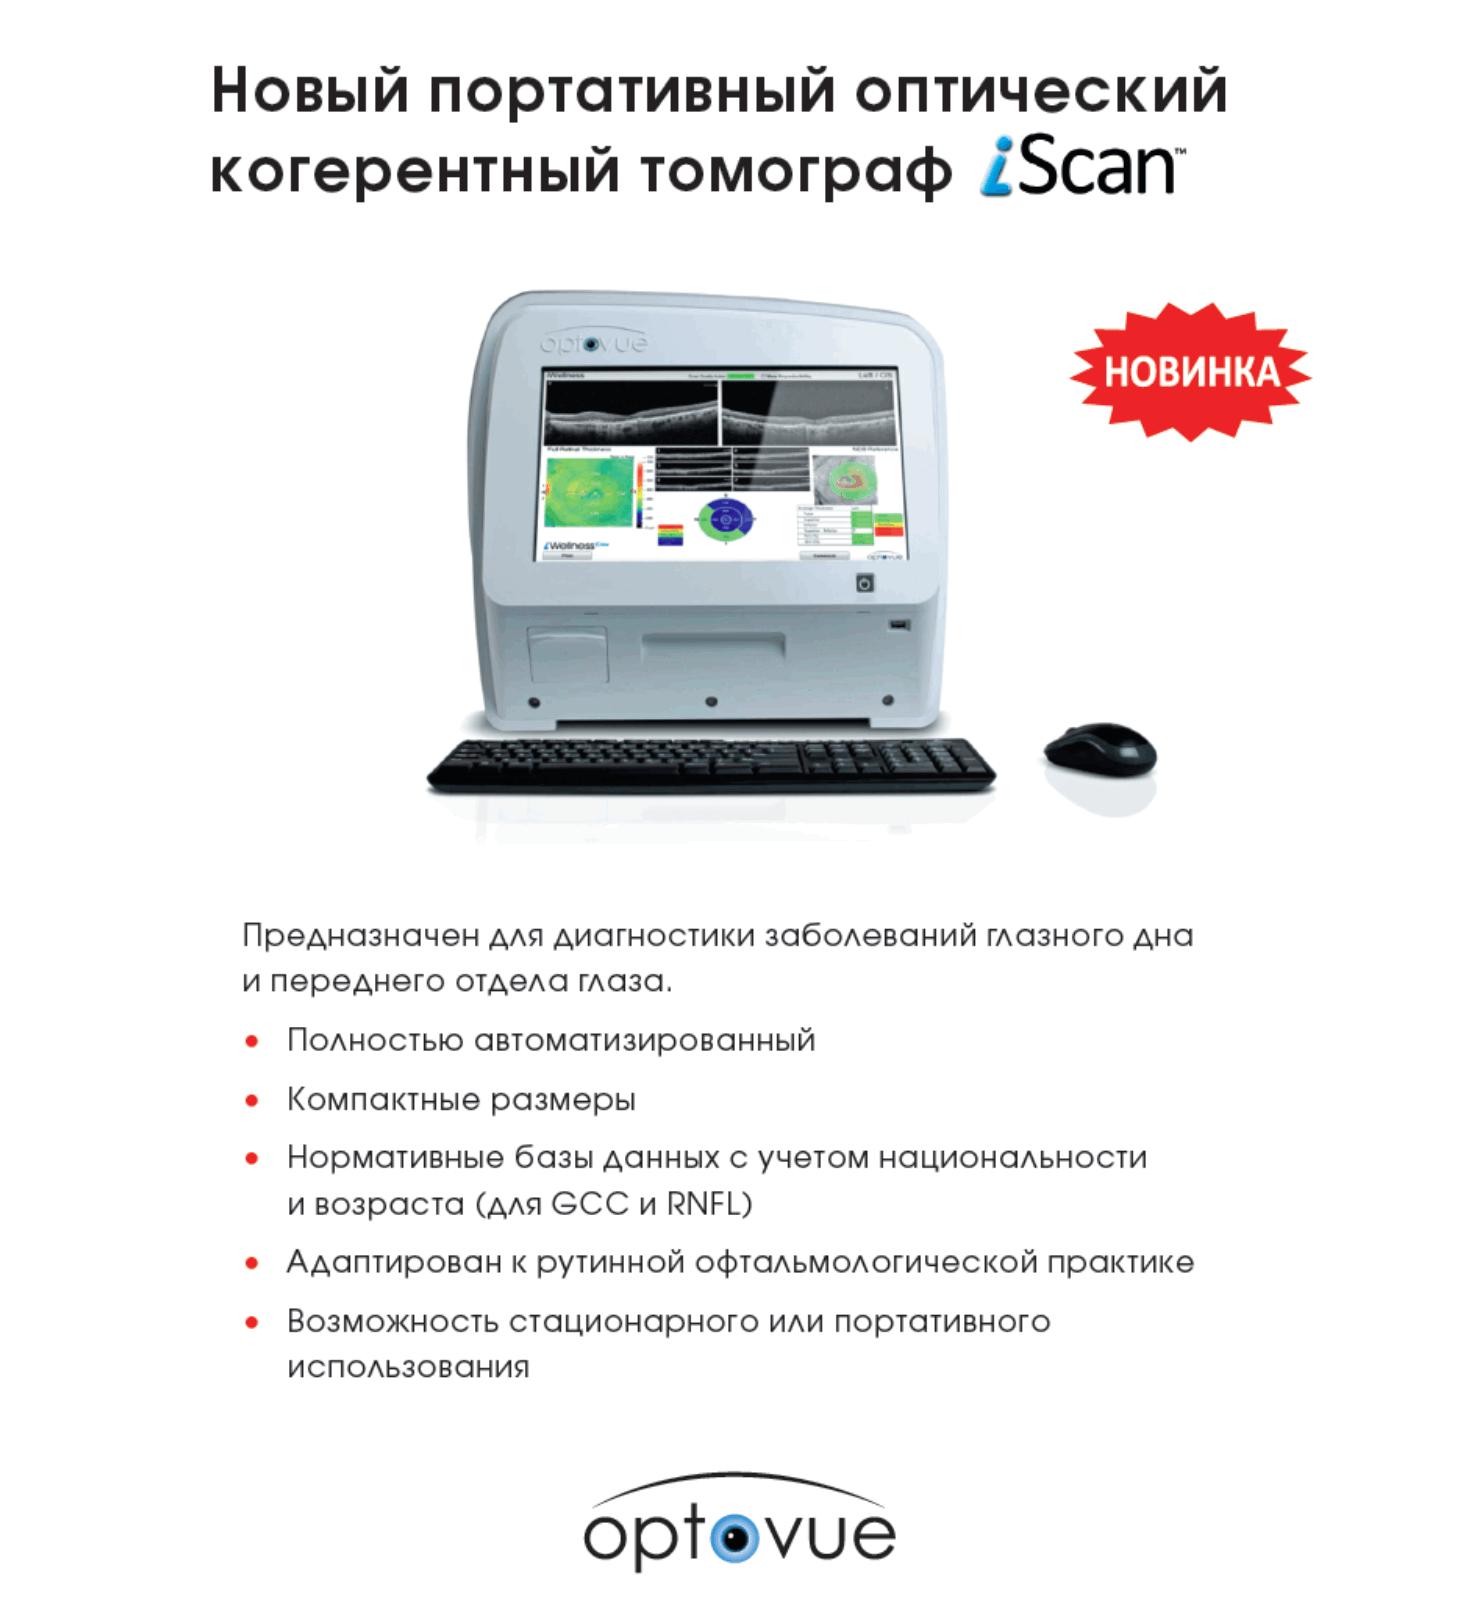 Новый портативный оптический когерентный томограф iScan